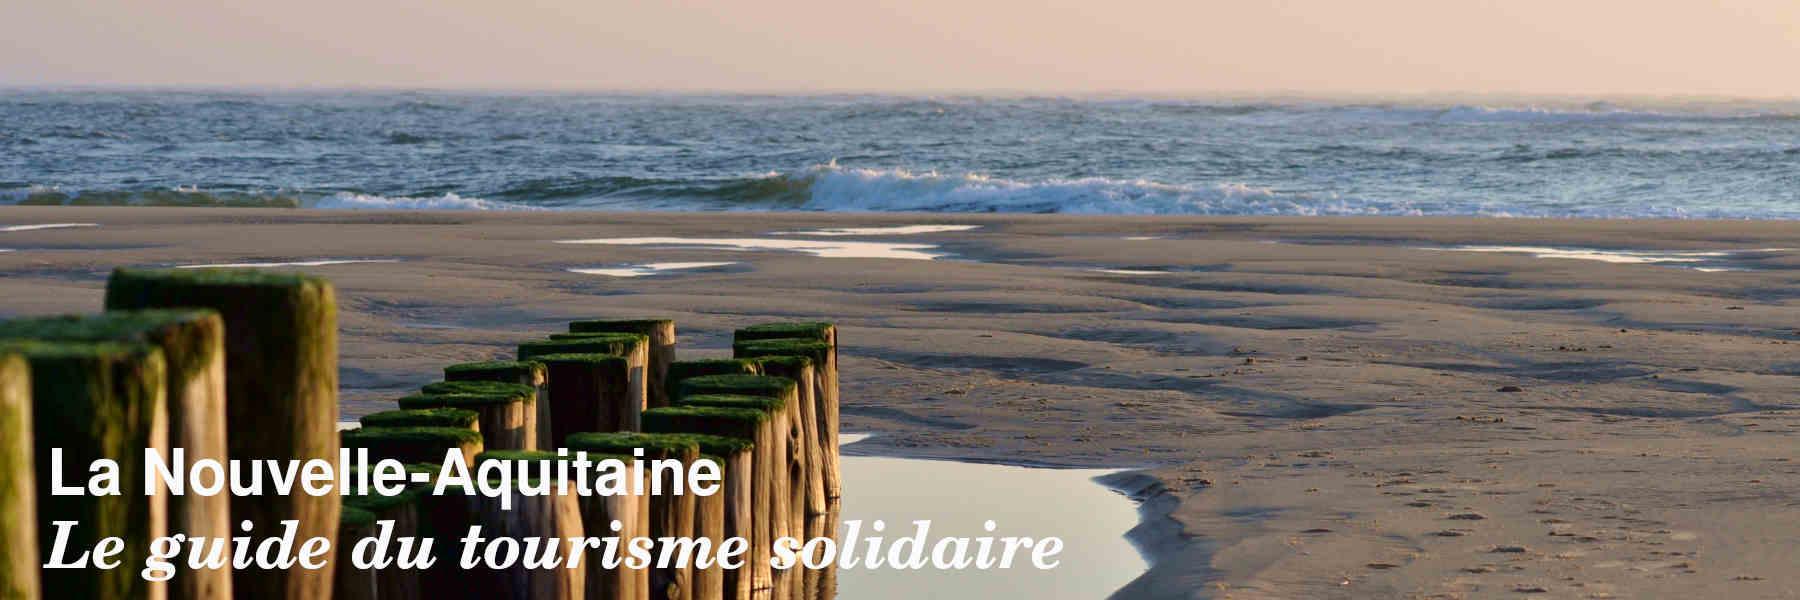 Le guide du tourisme solidaire de Nouvelle-Aquitaine